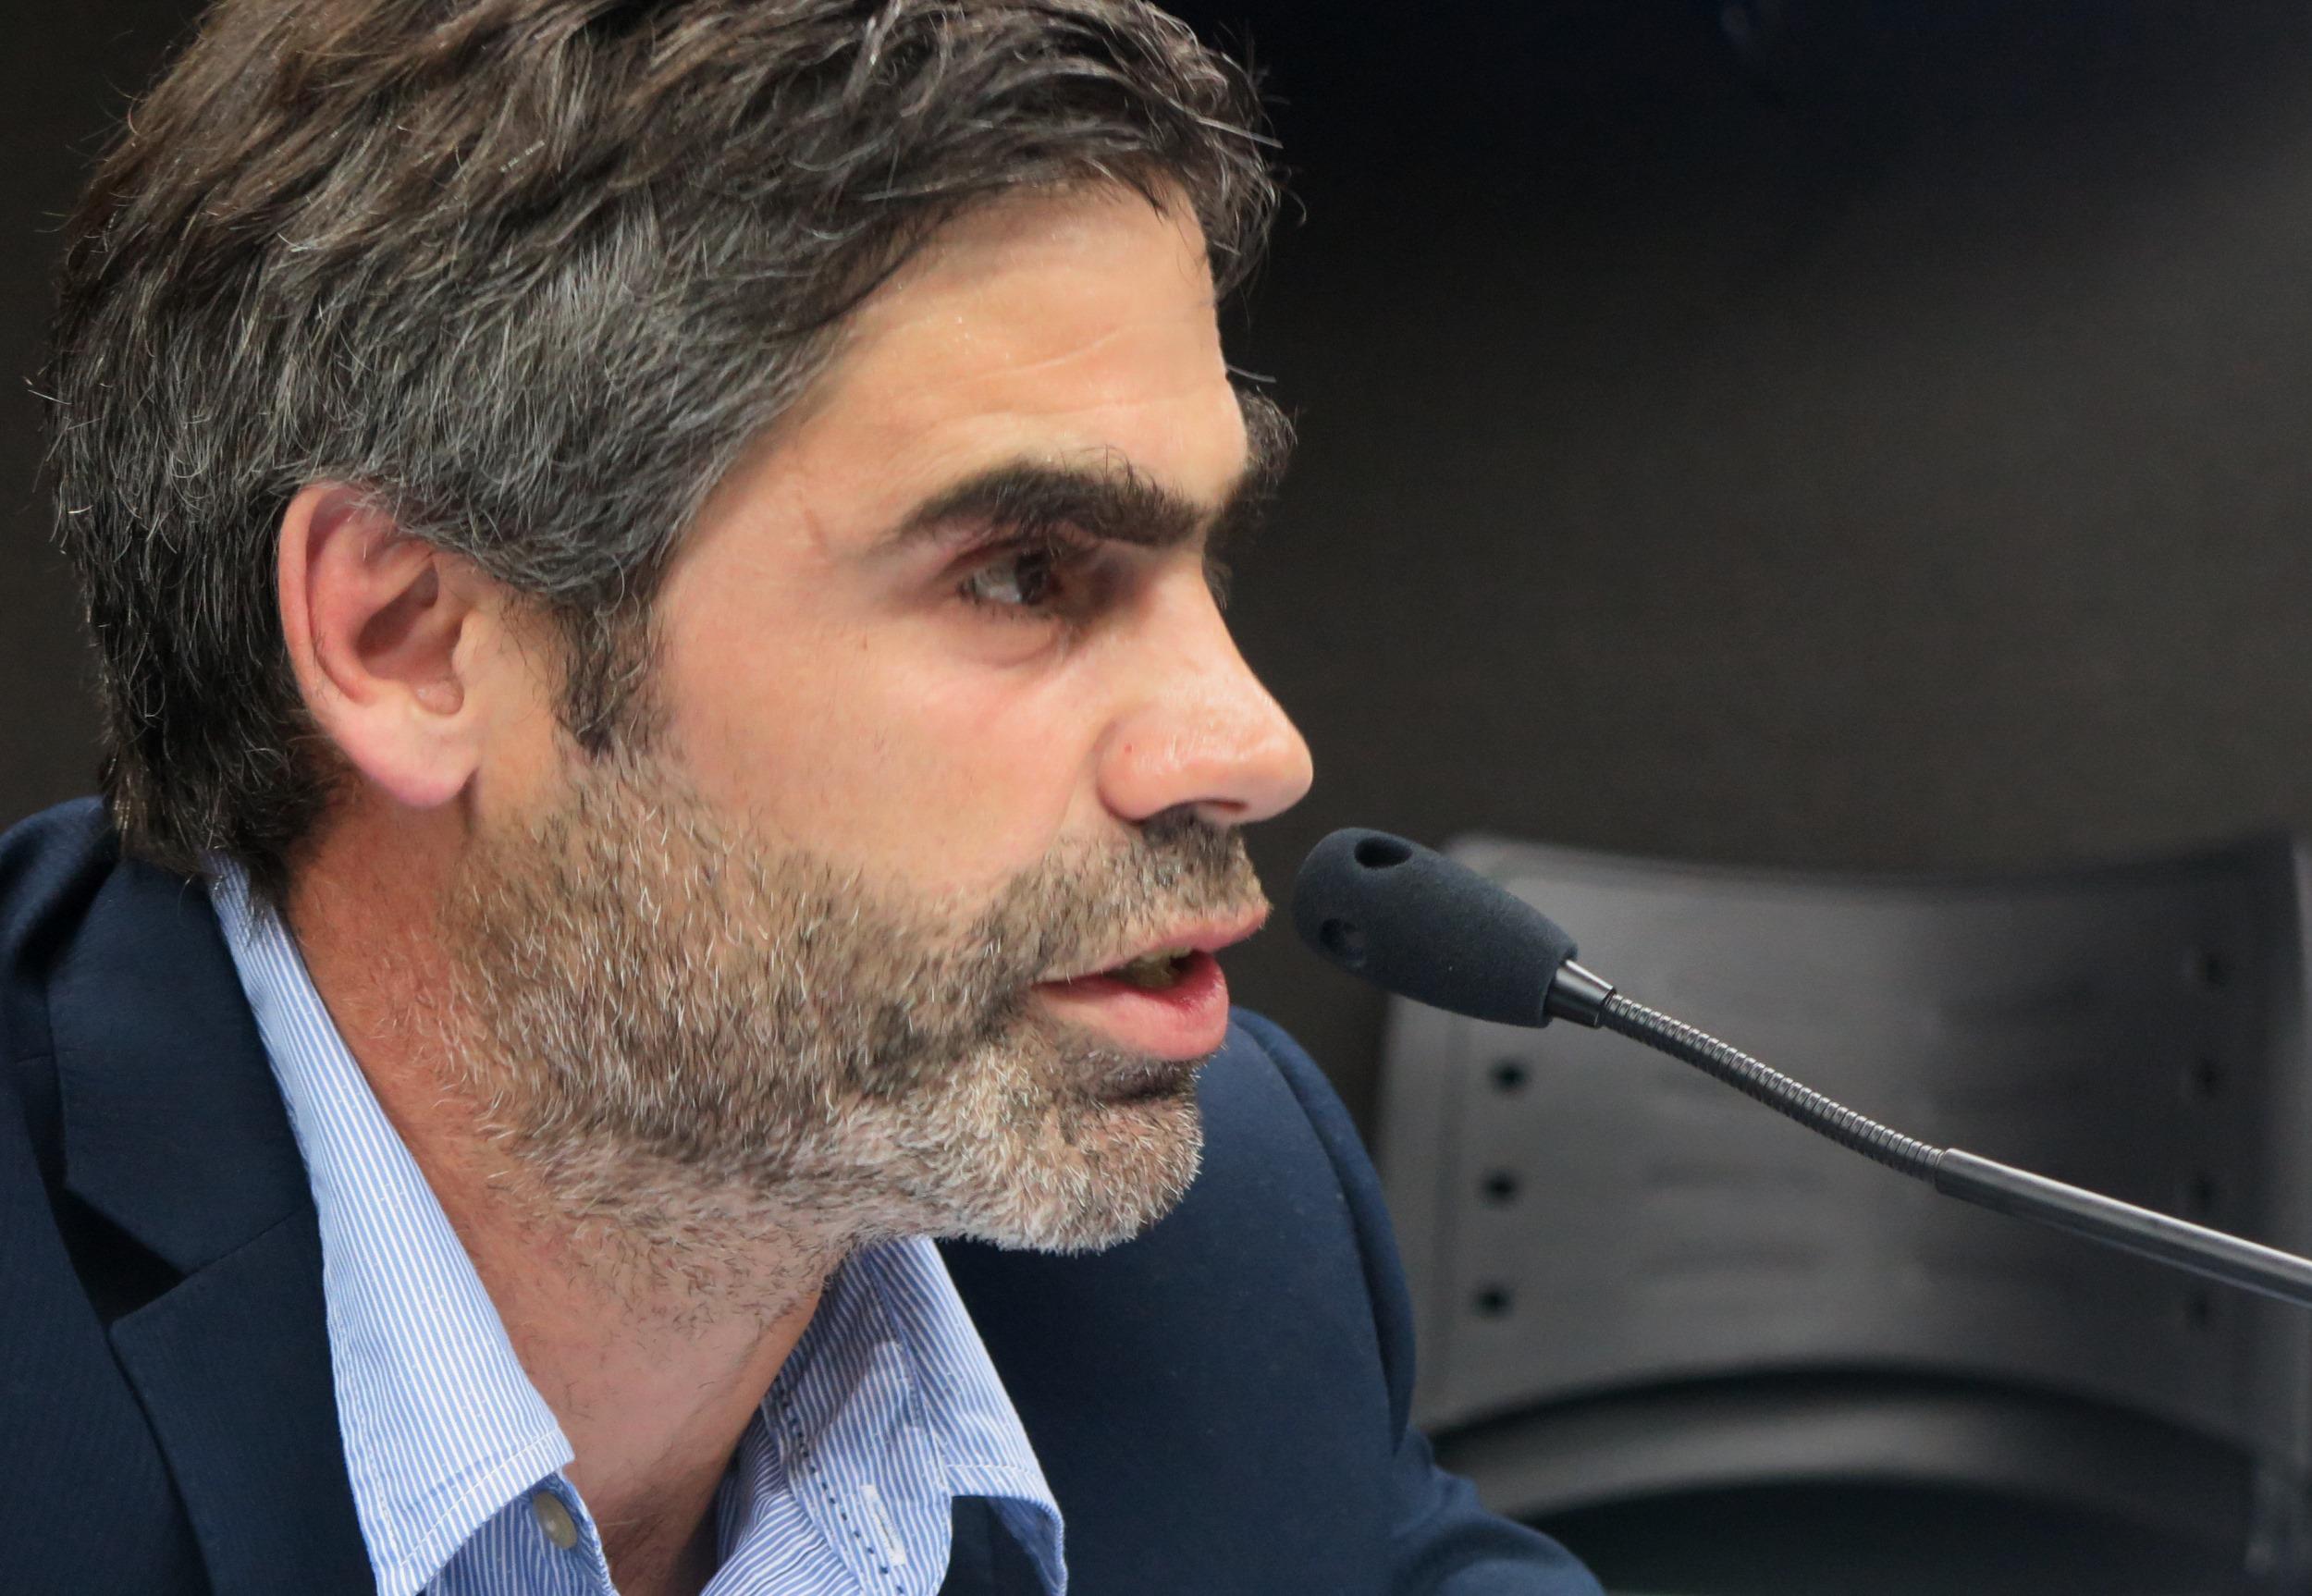 Fiscalía Federal de Mar del Plata rechaza el recurso que busca frenar la aplicación de la IVE